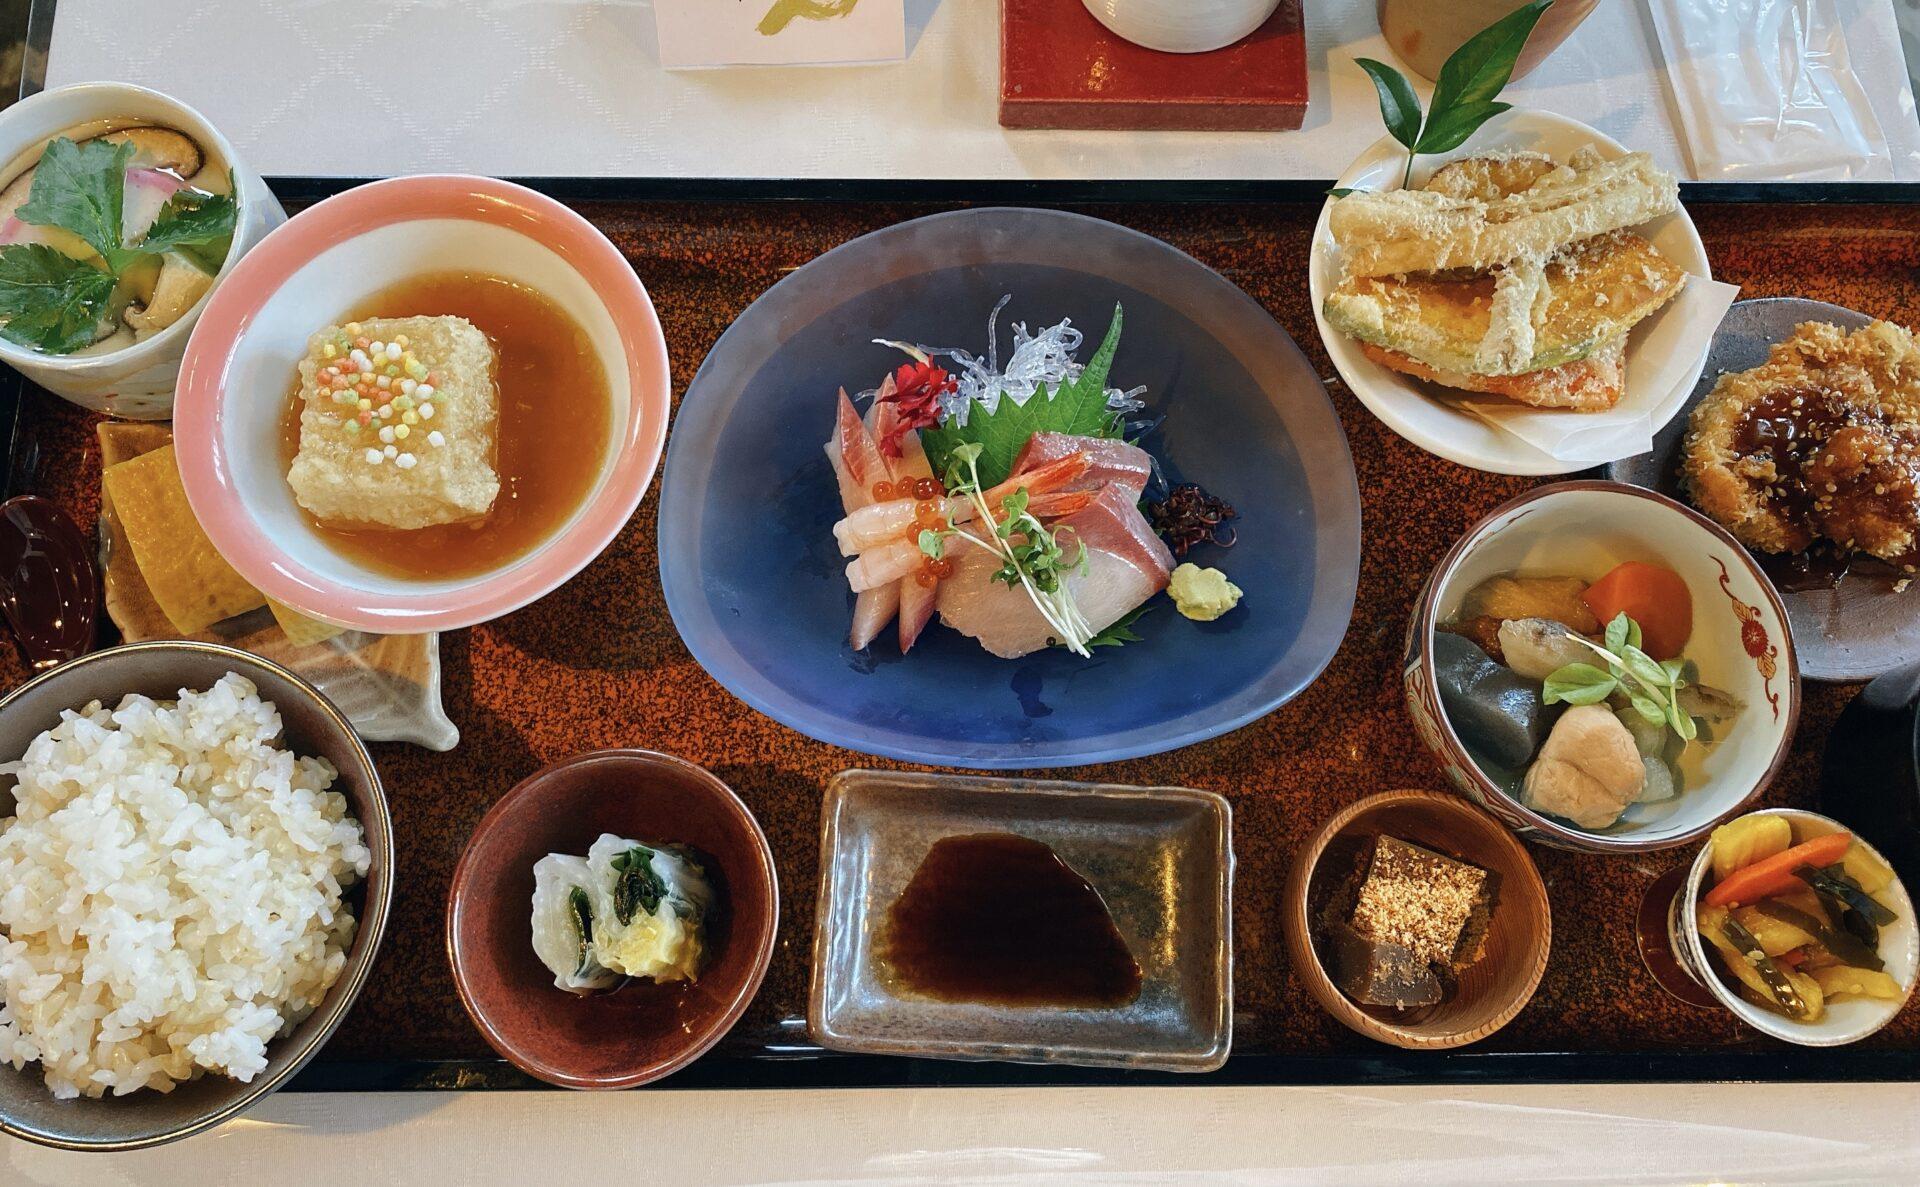 岡山市南区【c3e(シスリー)】土日限定オープンのカフェのランチが素敵すぎる!メニューは和と洋の2択から